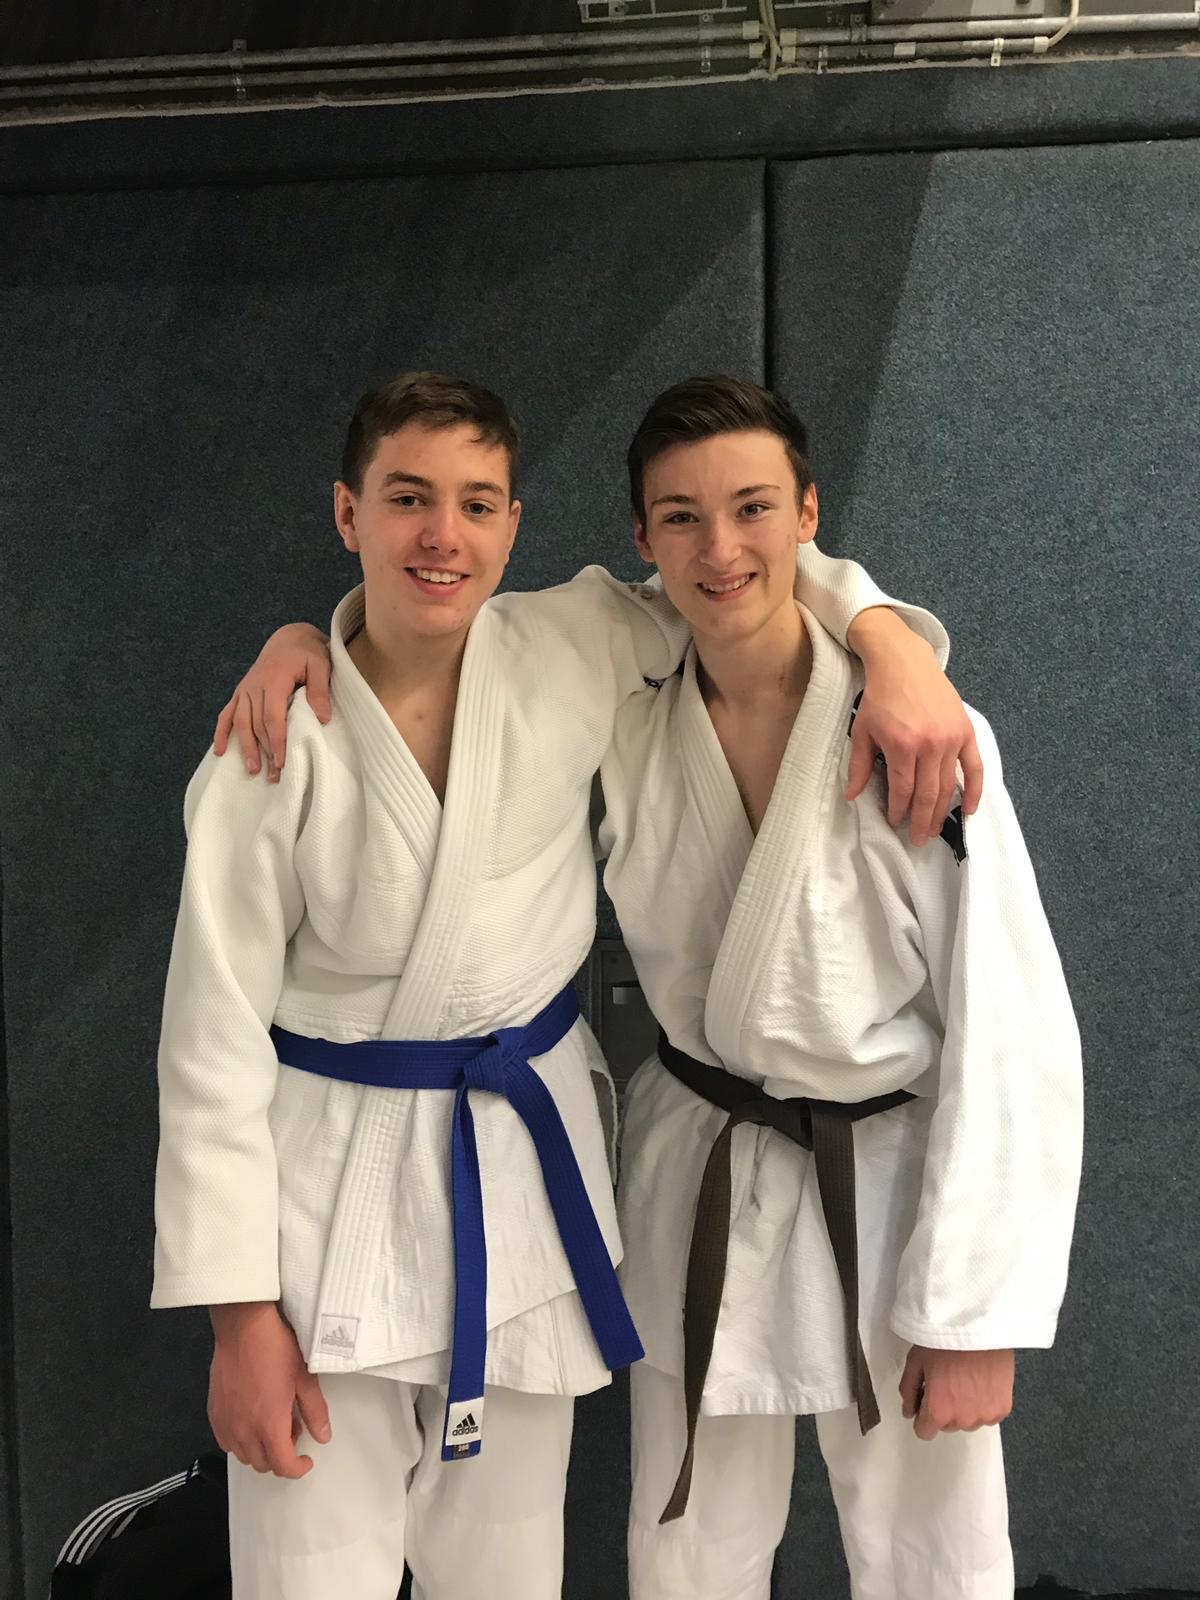 Westdeutsche Einzelmeisterschaften der U18